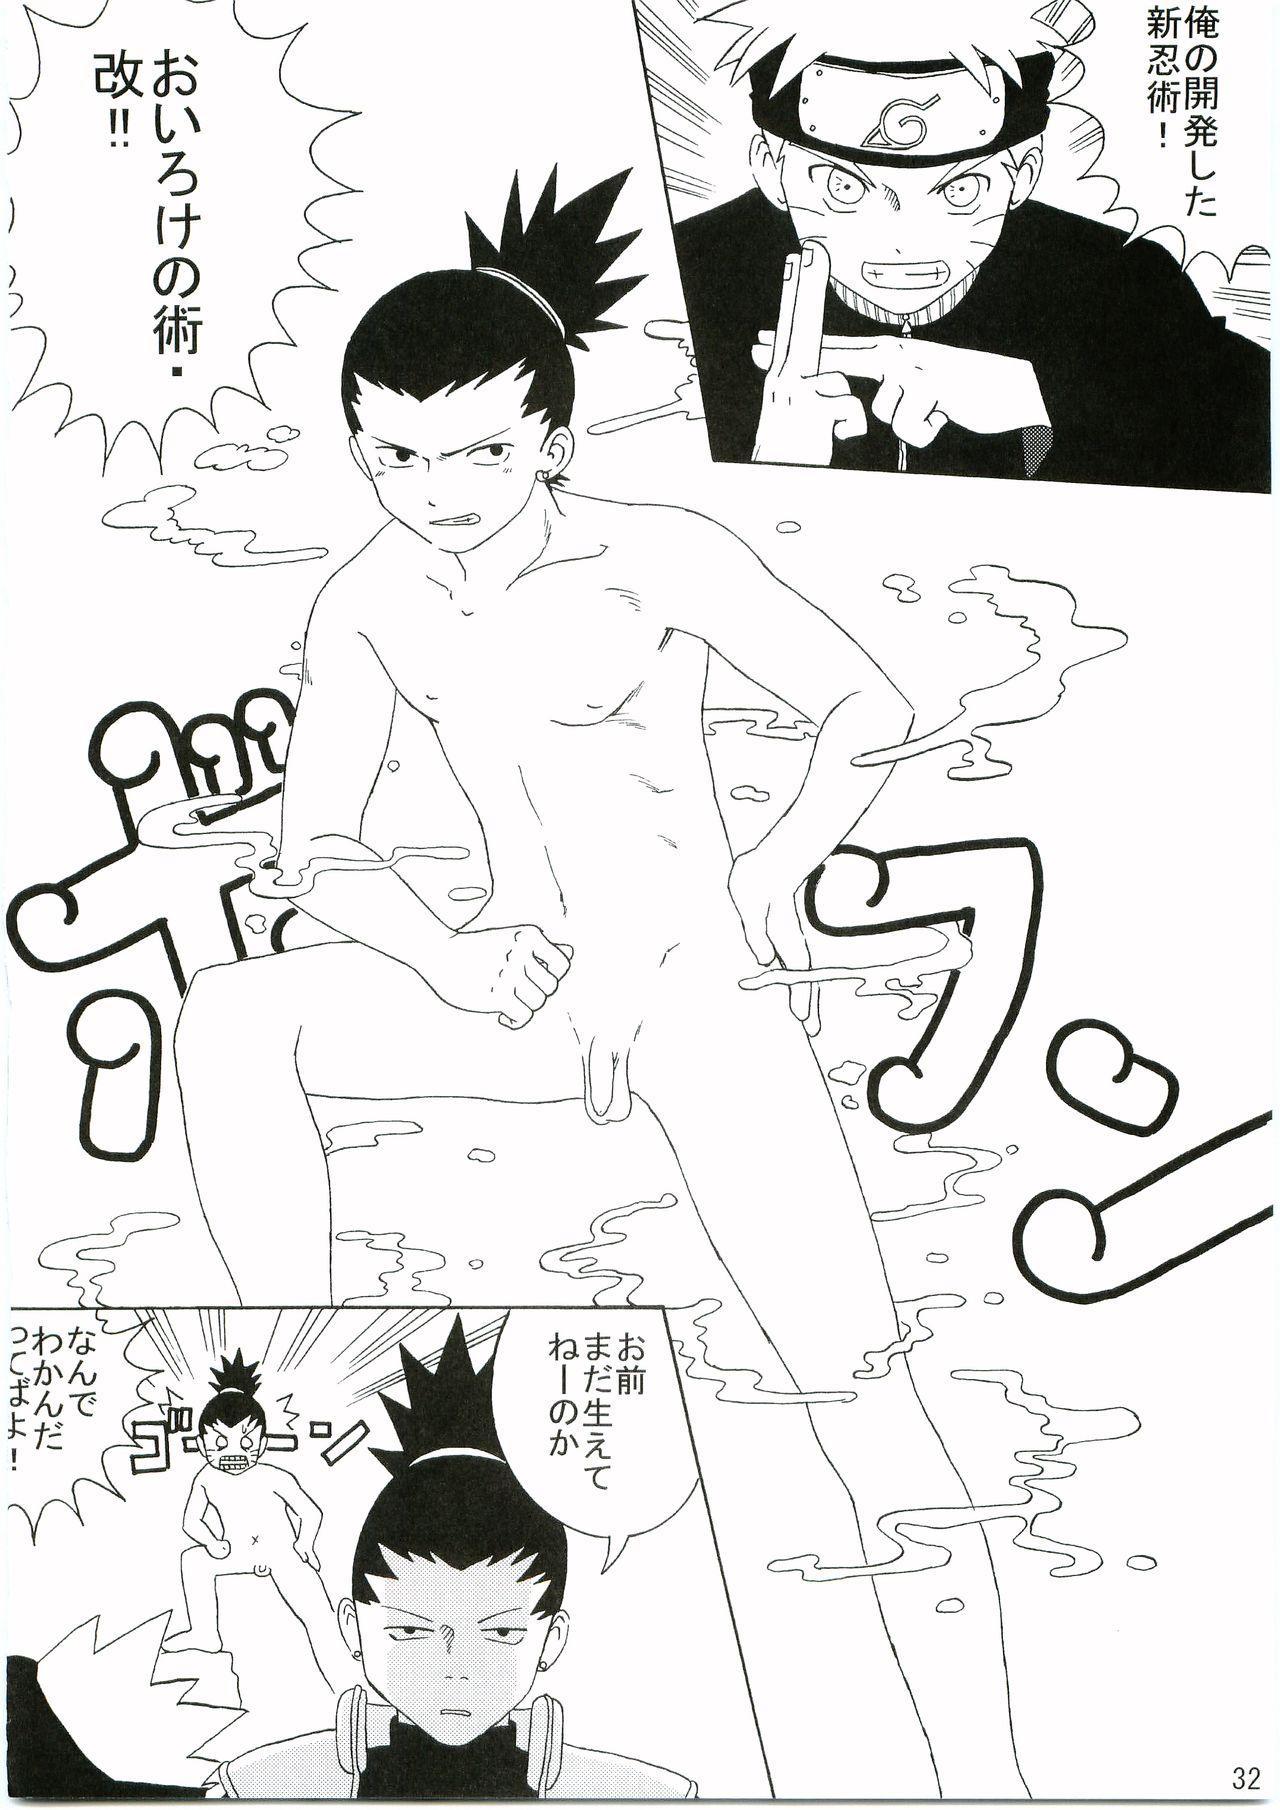 Shinobi no Kokoroe 32